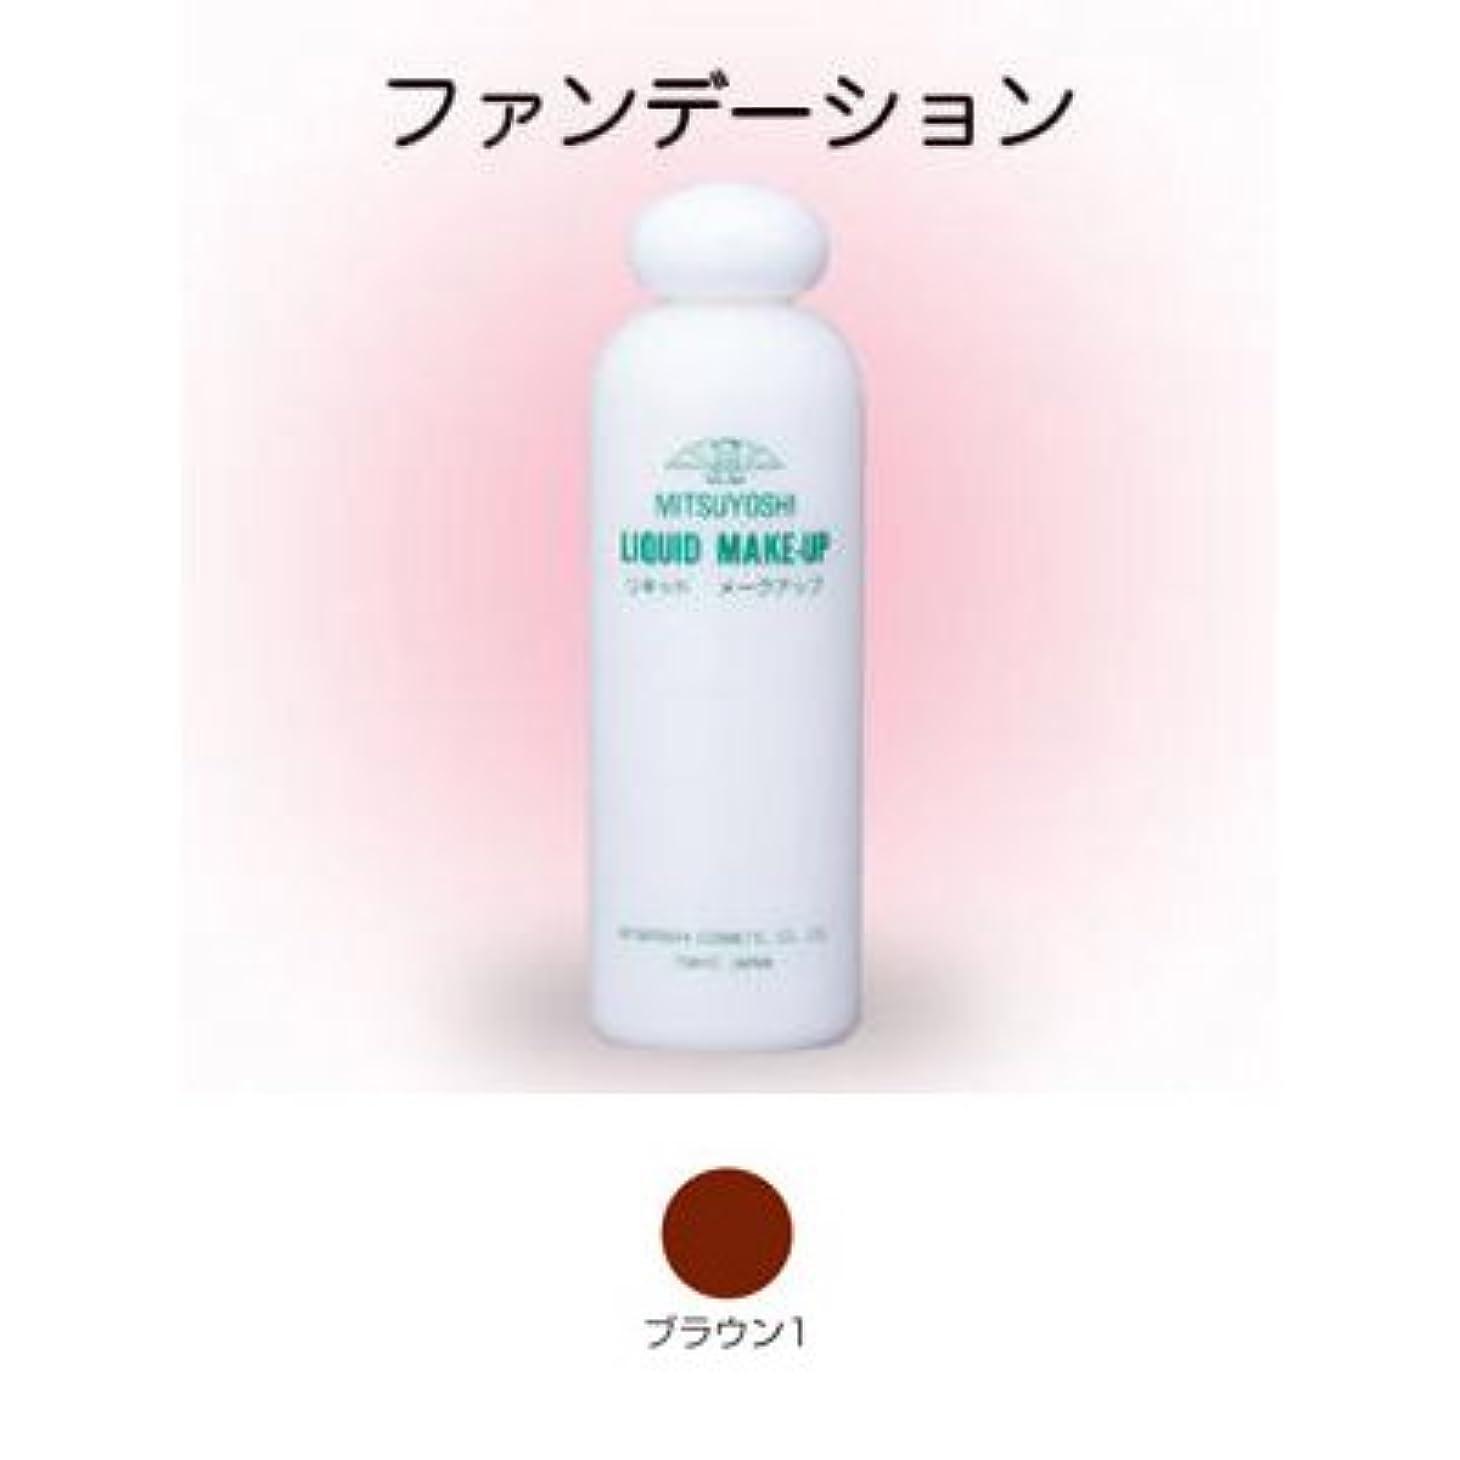 三善 リキッドメークアップ 水おしろい コスプレメイク 舞台用化粧品 カラー:ブラウン1 #